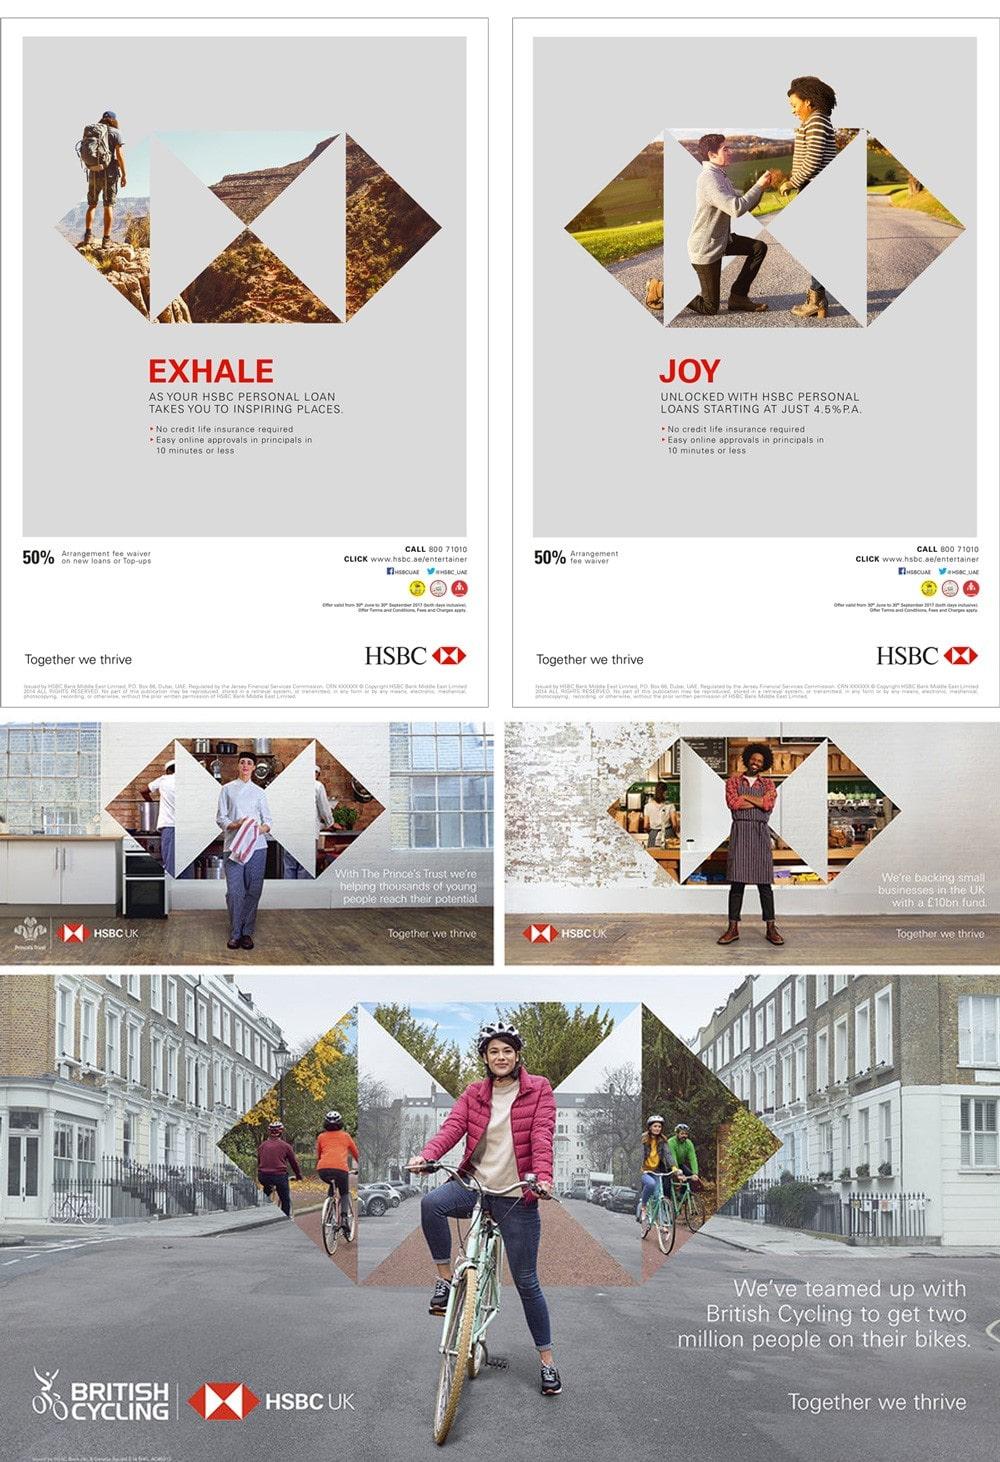 Banco-HSBC-actualiza-su-identidad-presentando-nuevo-logotipo-2018